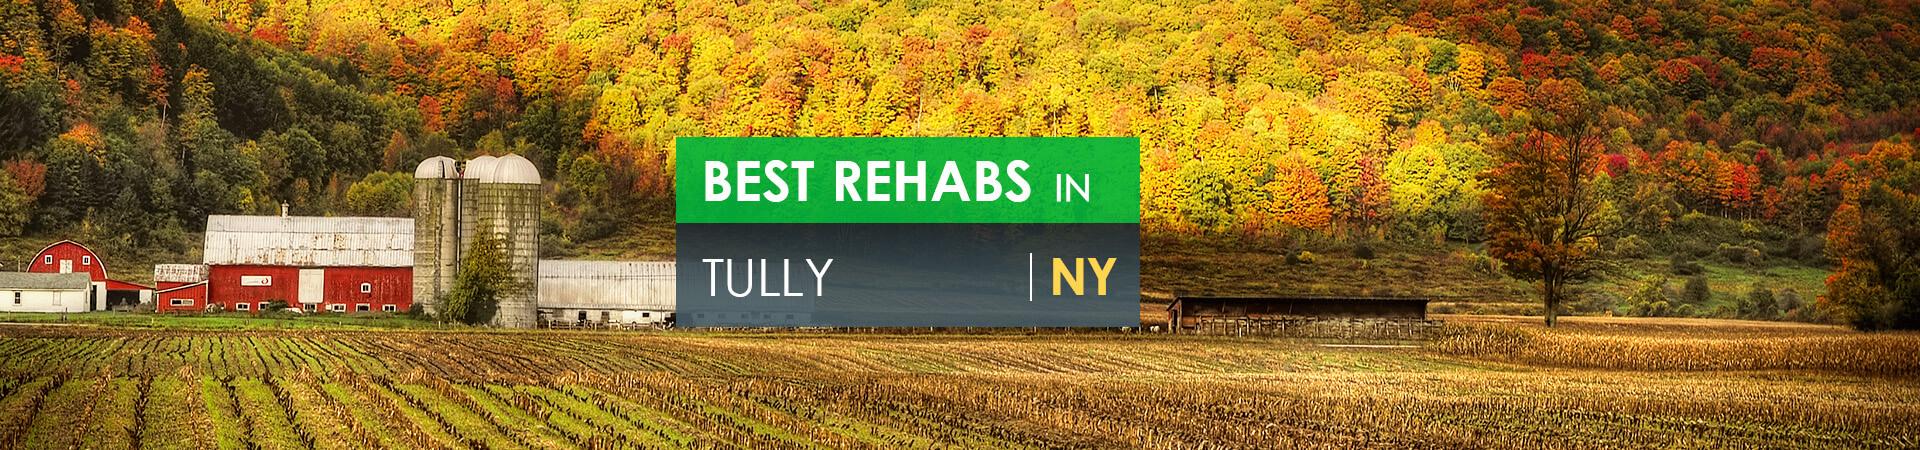 Best rehabs in Tully, NY